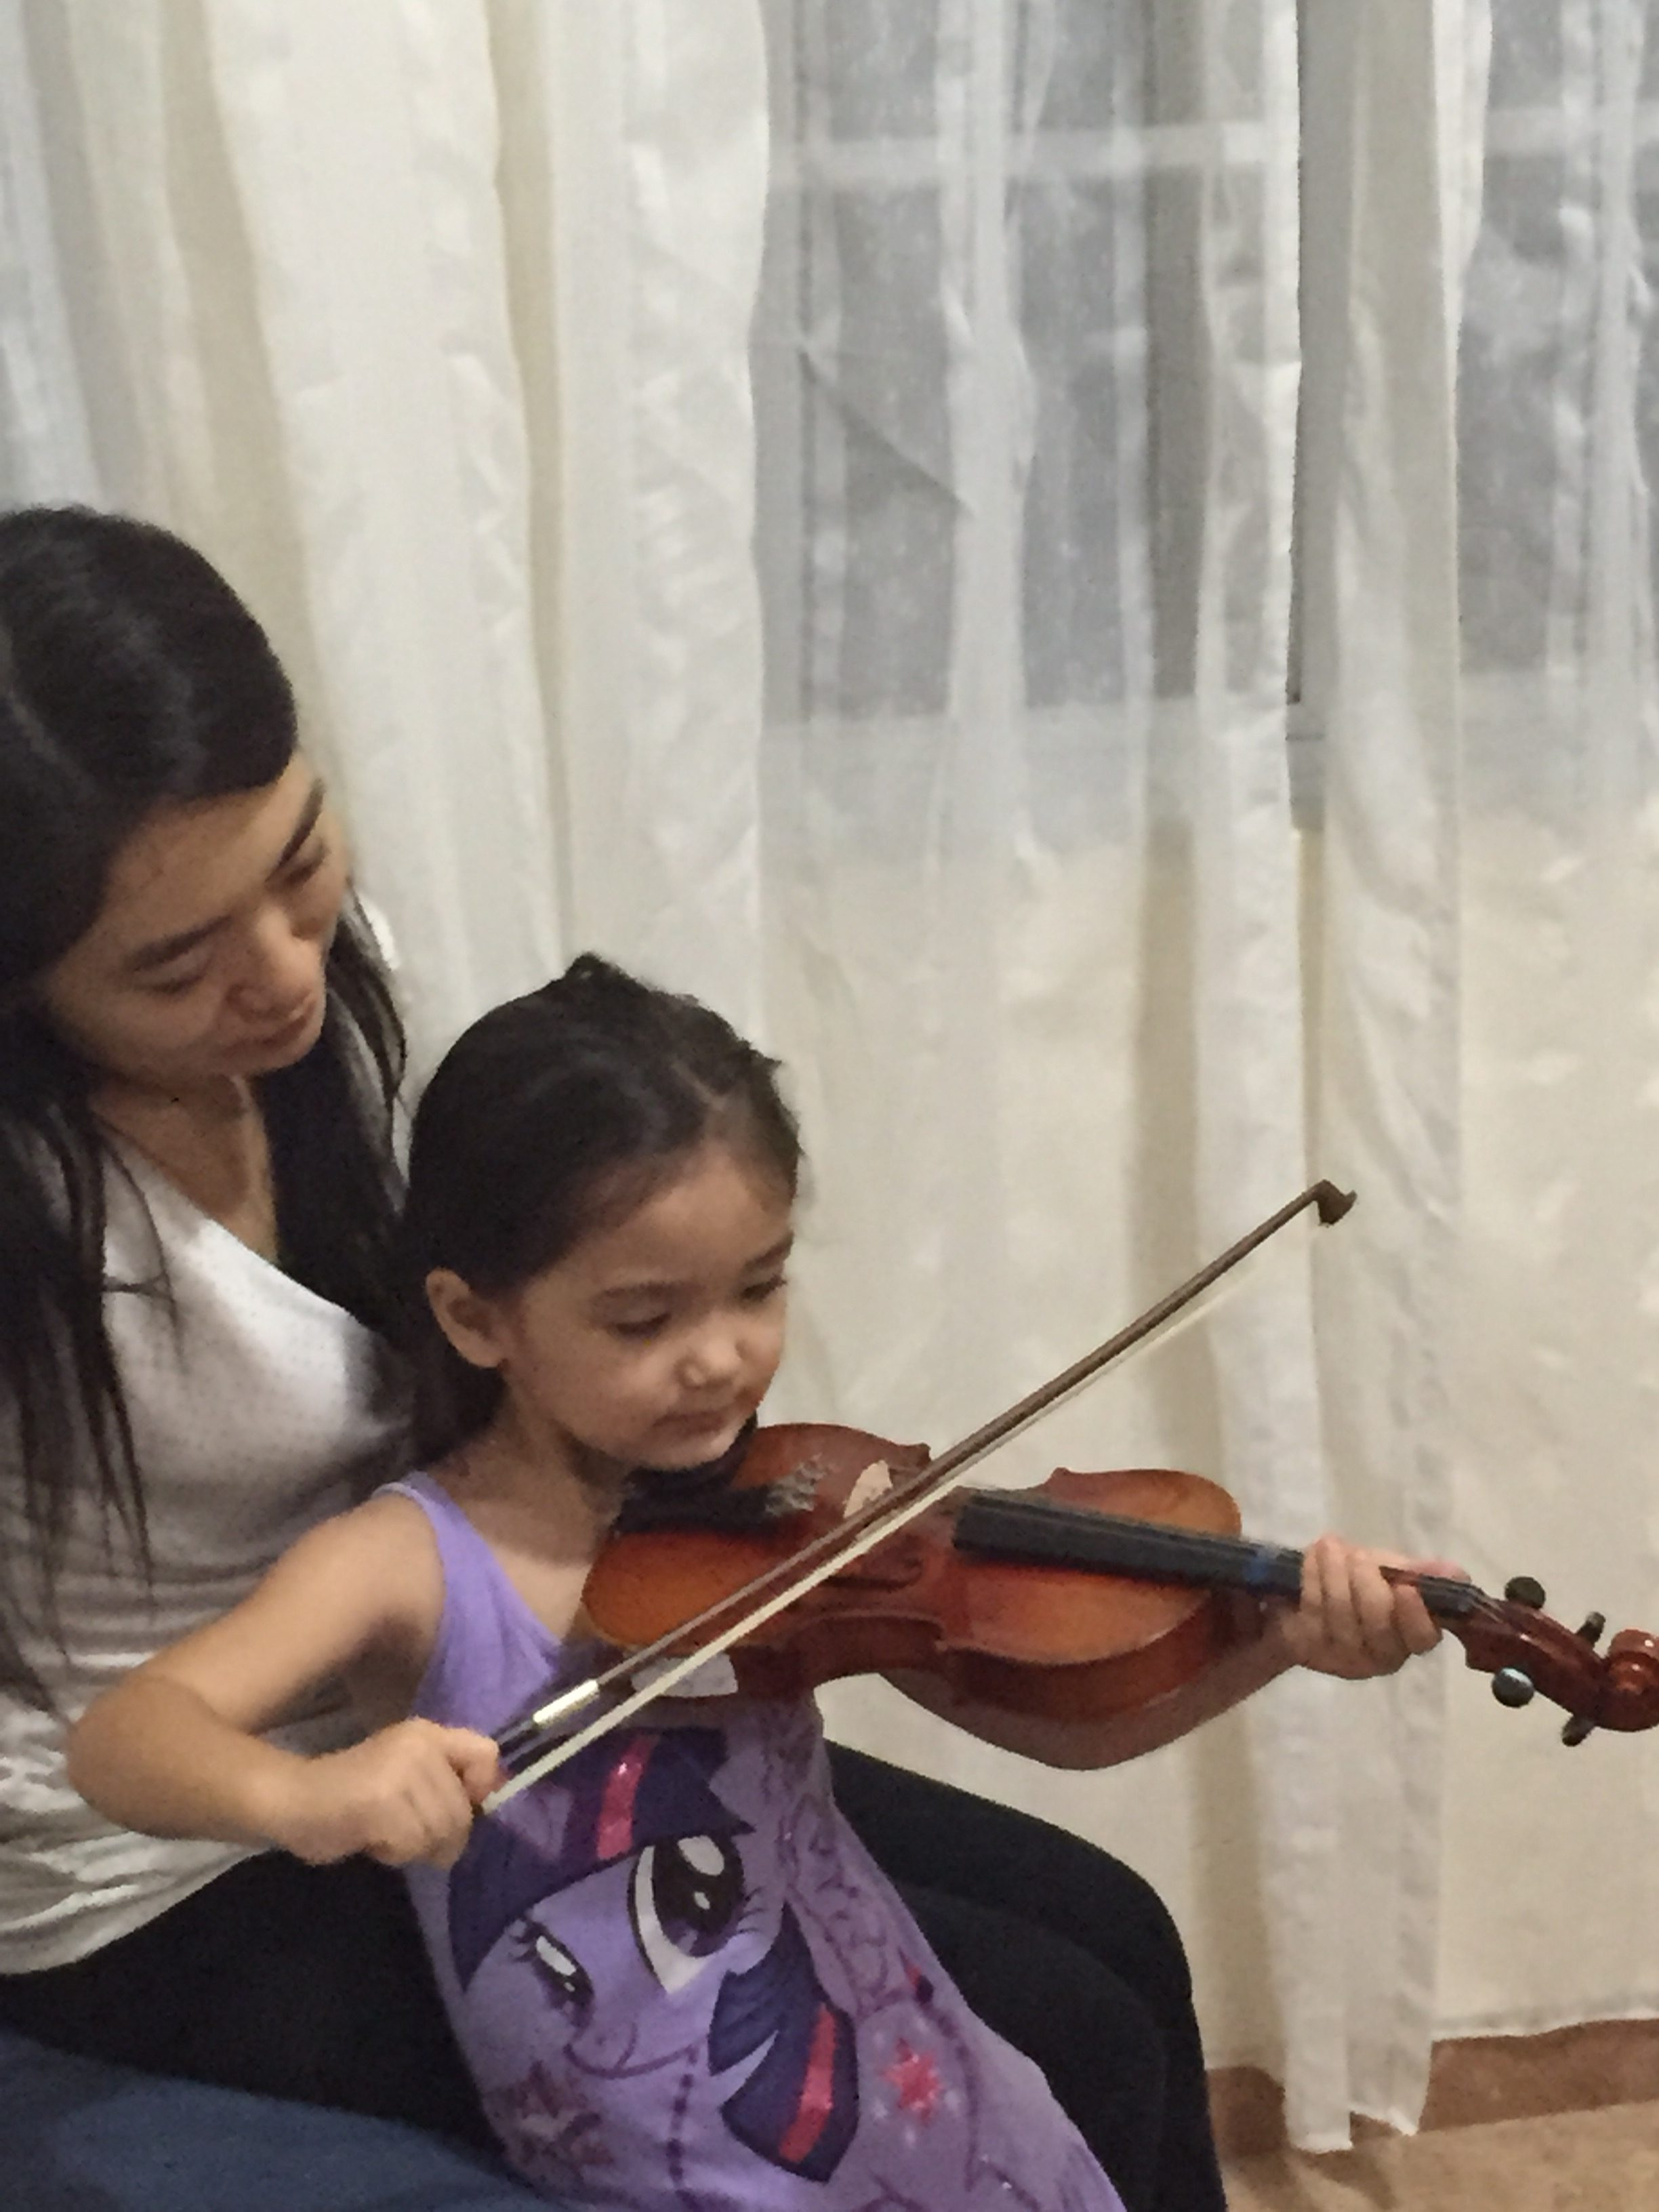 Child Violin Lesson